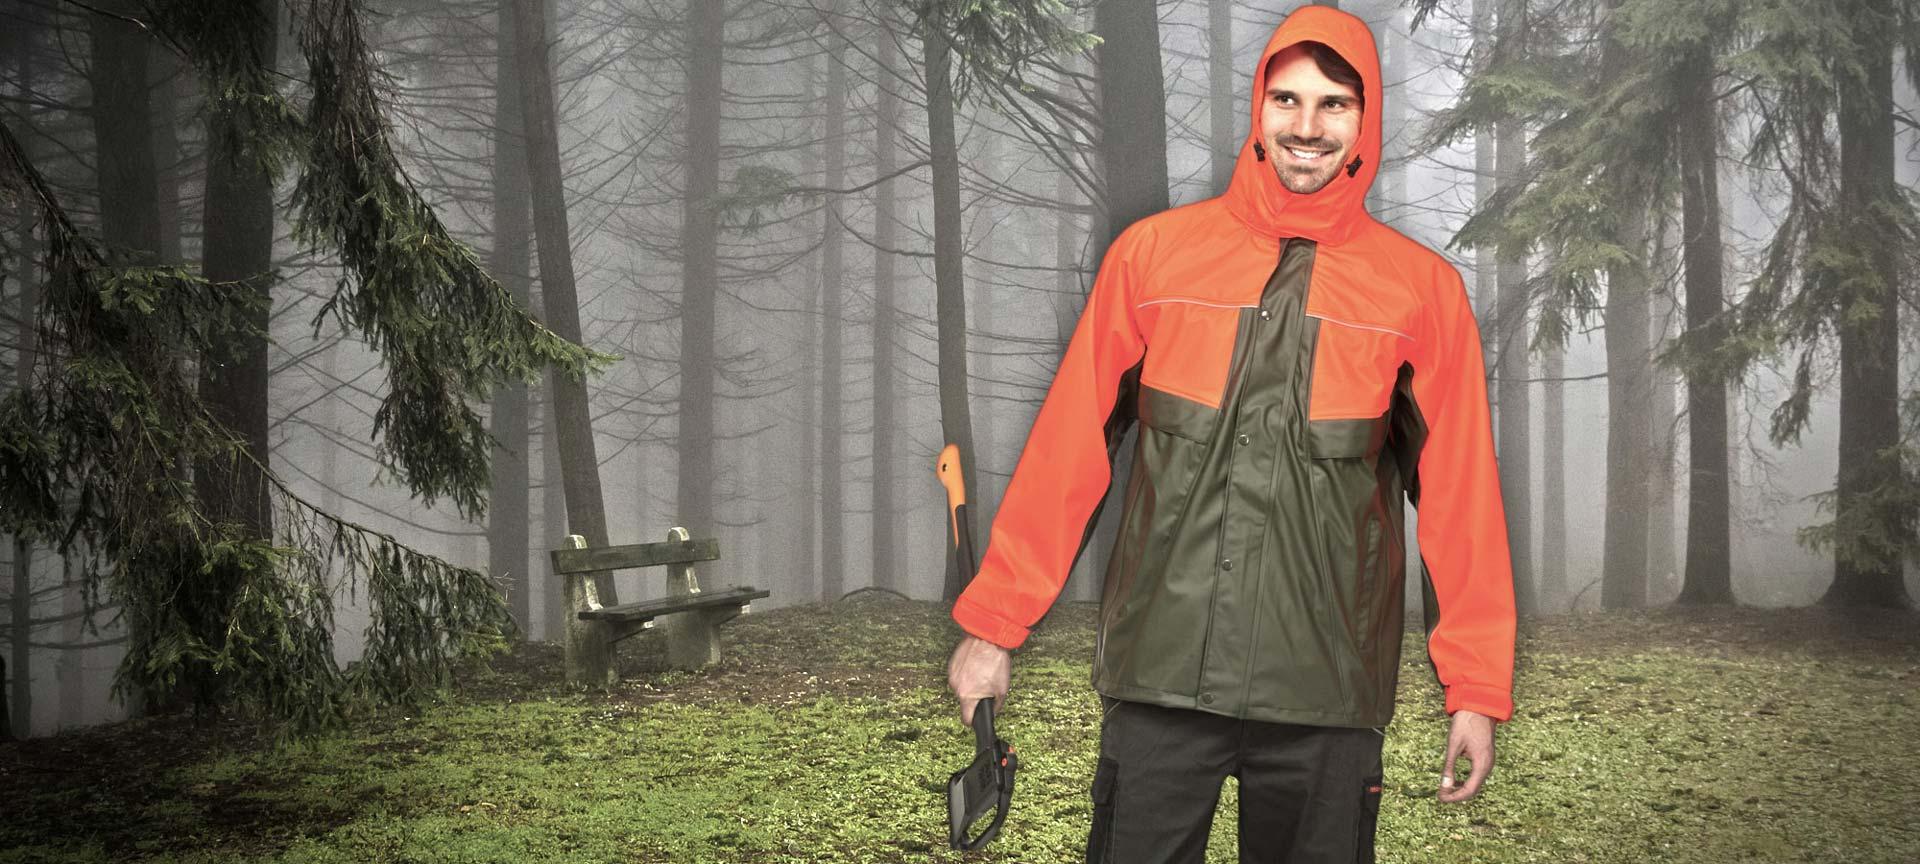 Regenschutzkleidung